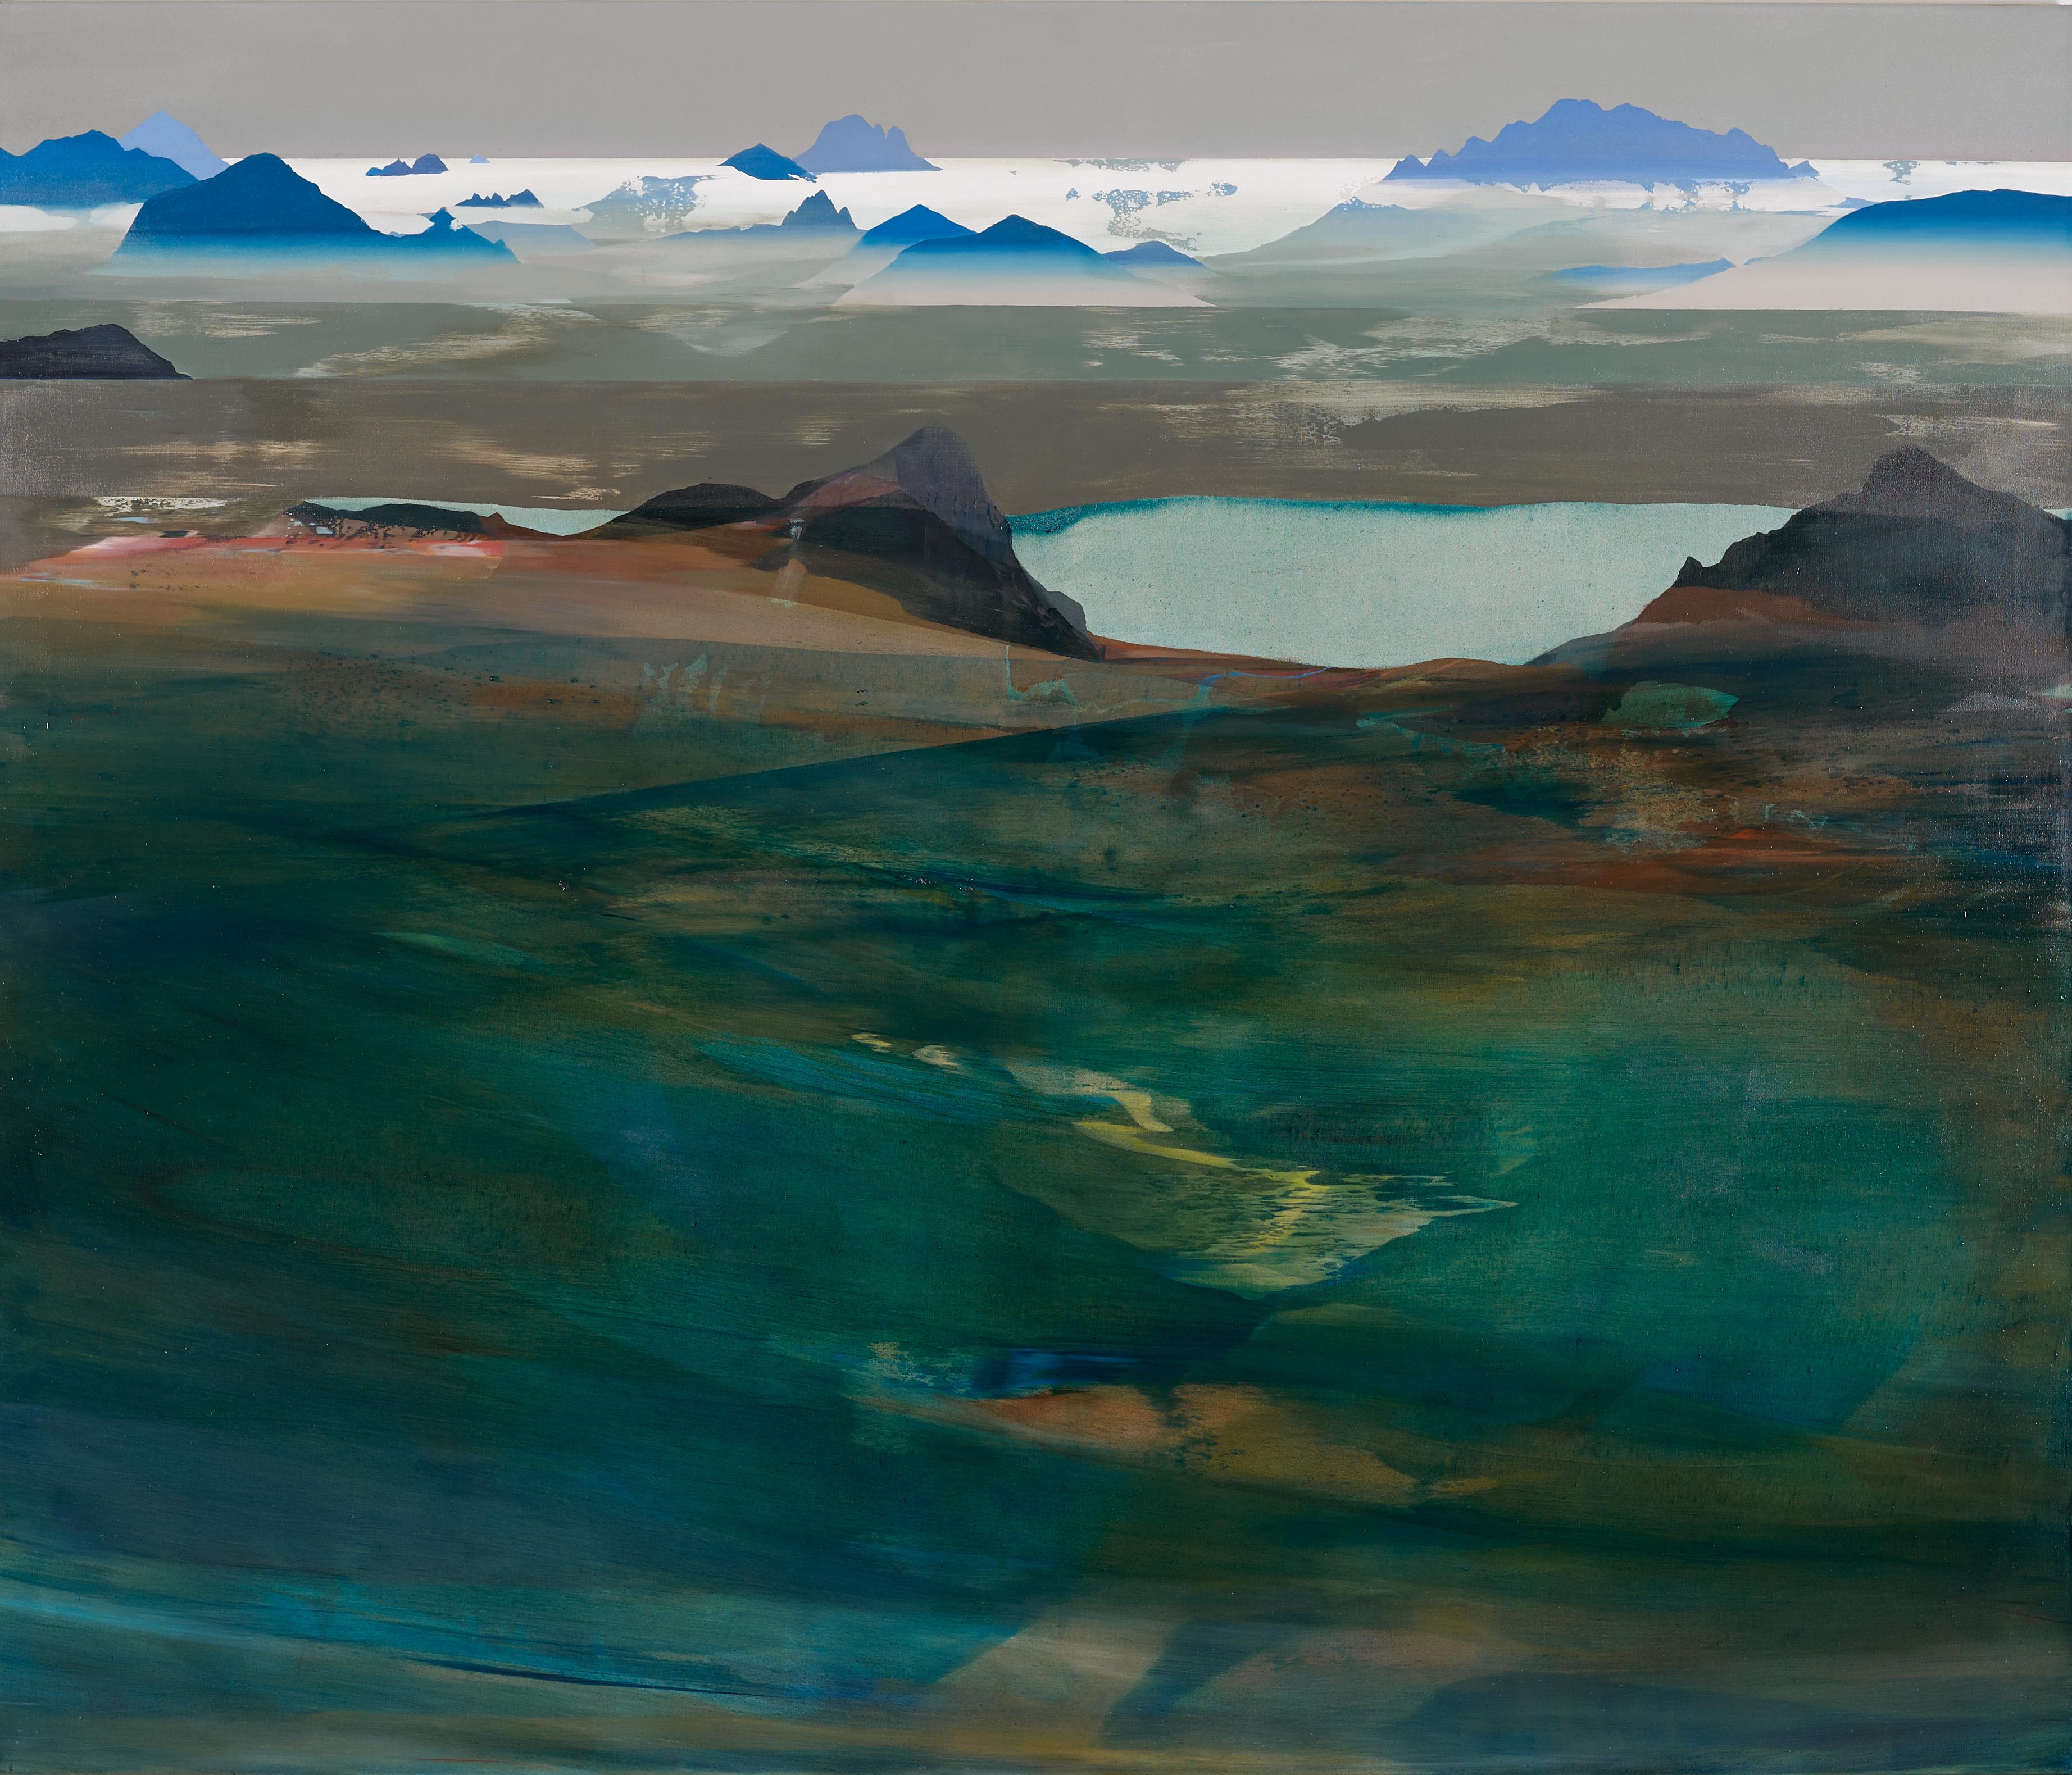 """""""Arcipelago fossile"""" (dettaglio dell'opera), 2017, acrilico e olio su tela, 170 x 200 cm, Collezione privata"""